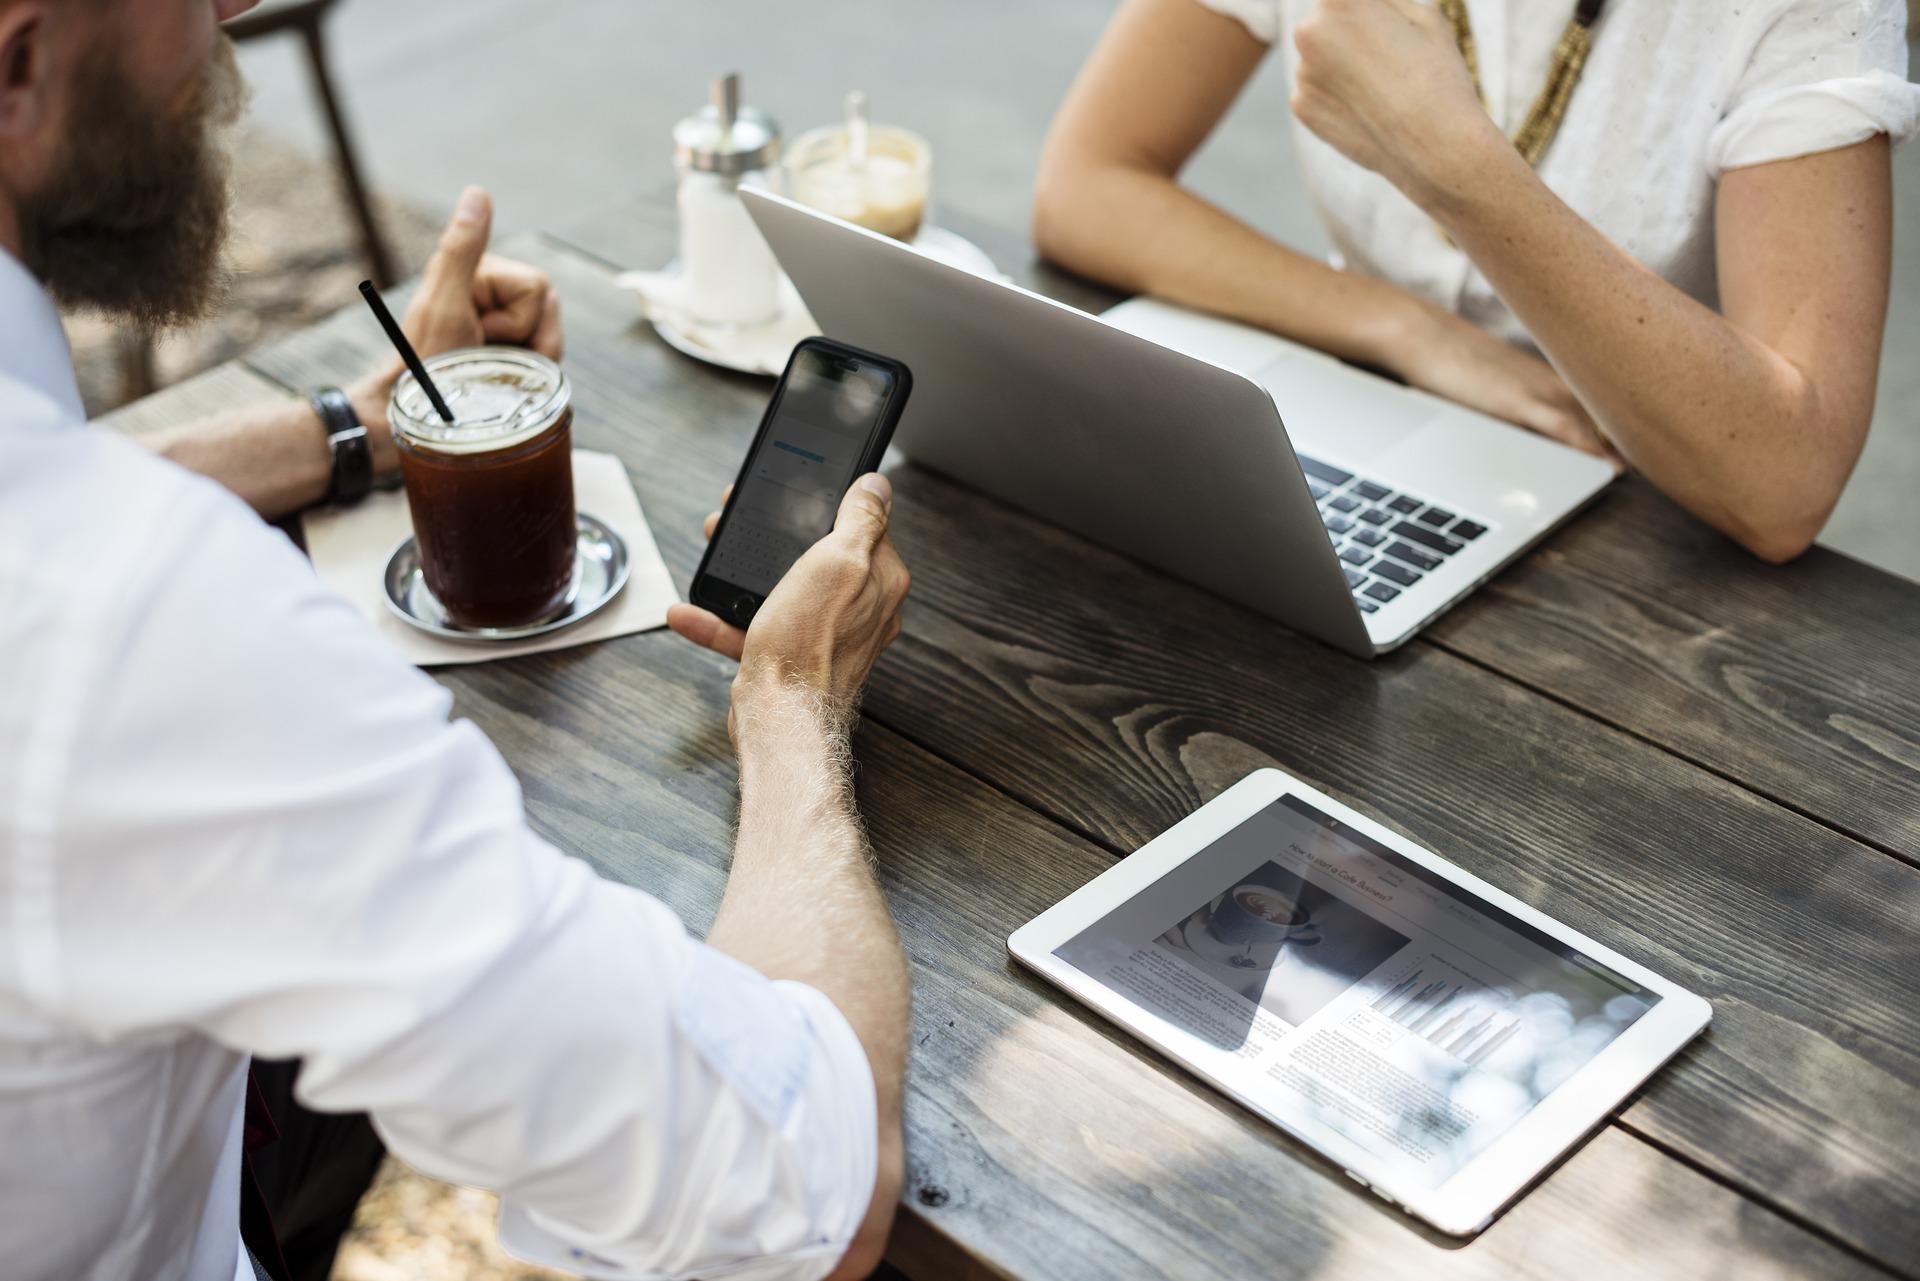 從蝦皮東南亞網購行為分析,看「體驗式電商」3 大關鍵